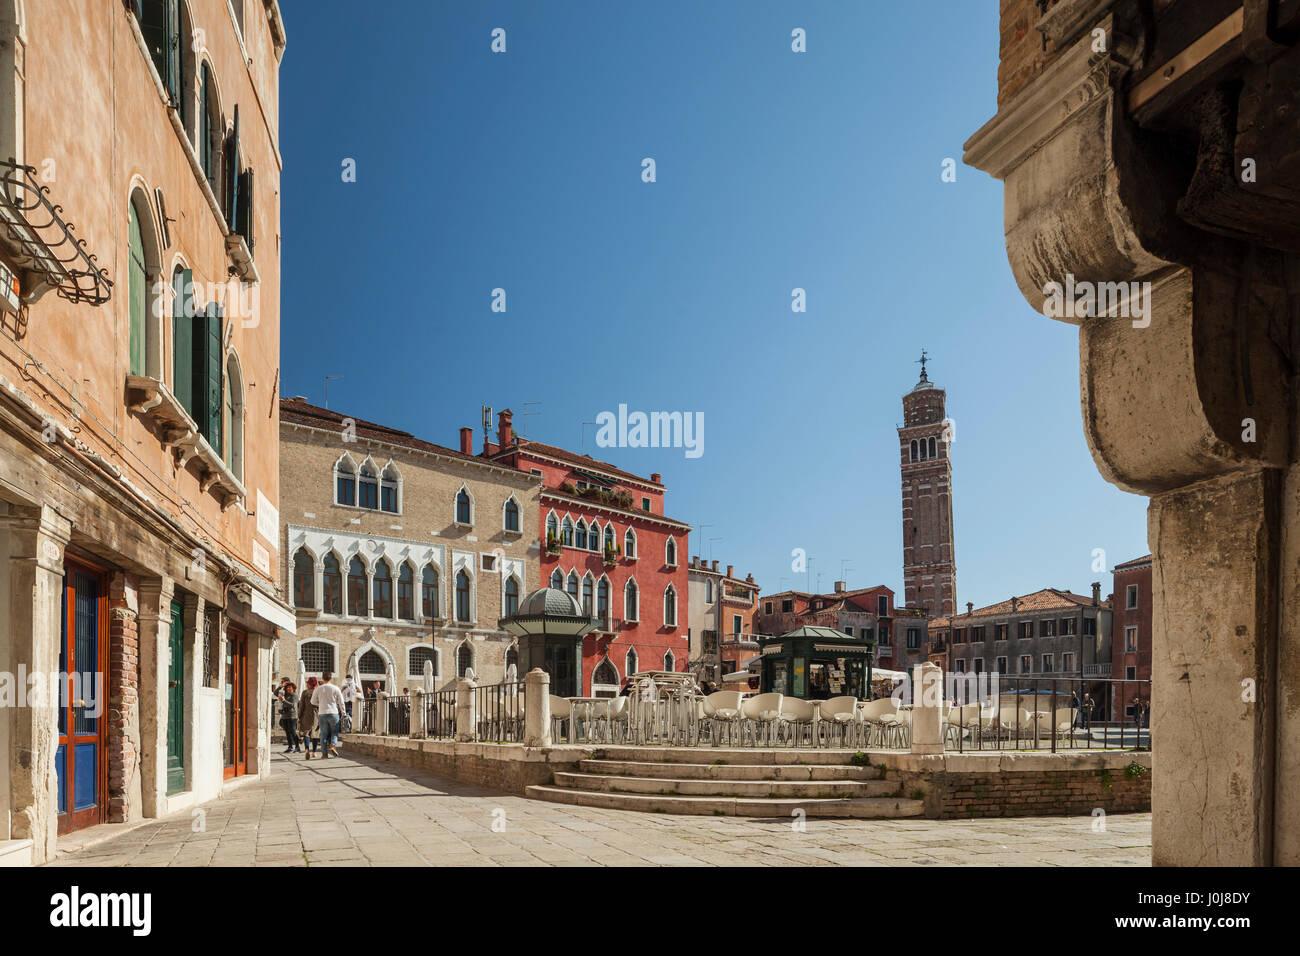 Campo Sant'anzolo nel sestiere di San Marco, Venezia, Italia. Immagini Stock